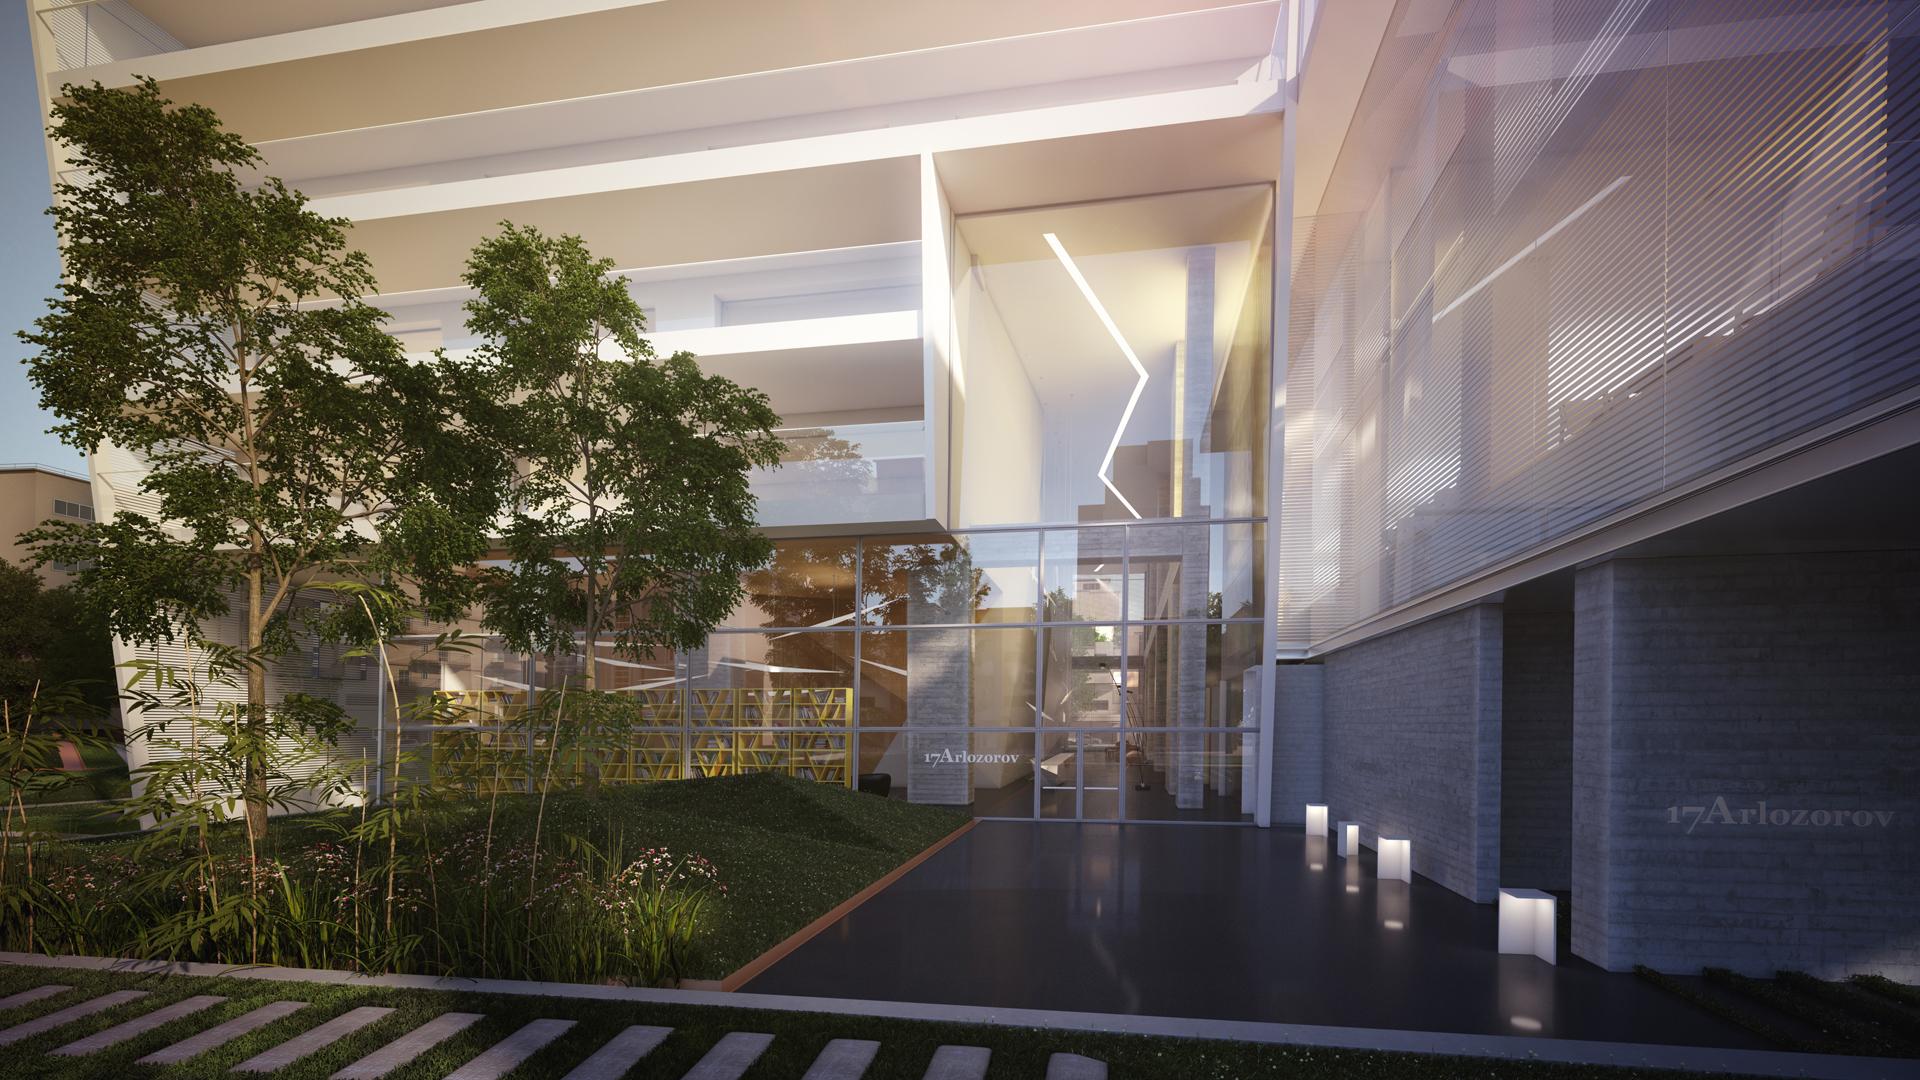 להשכרה דירת יוקרה במגדל ארלוזורוב 17 תל אביב ישראל